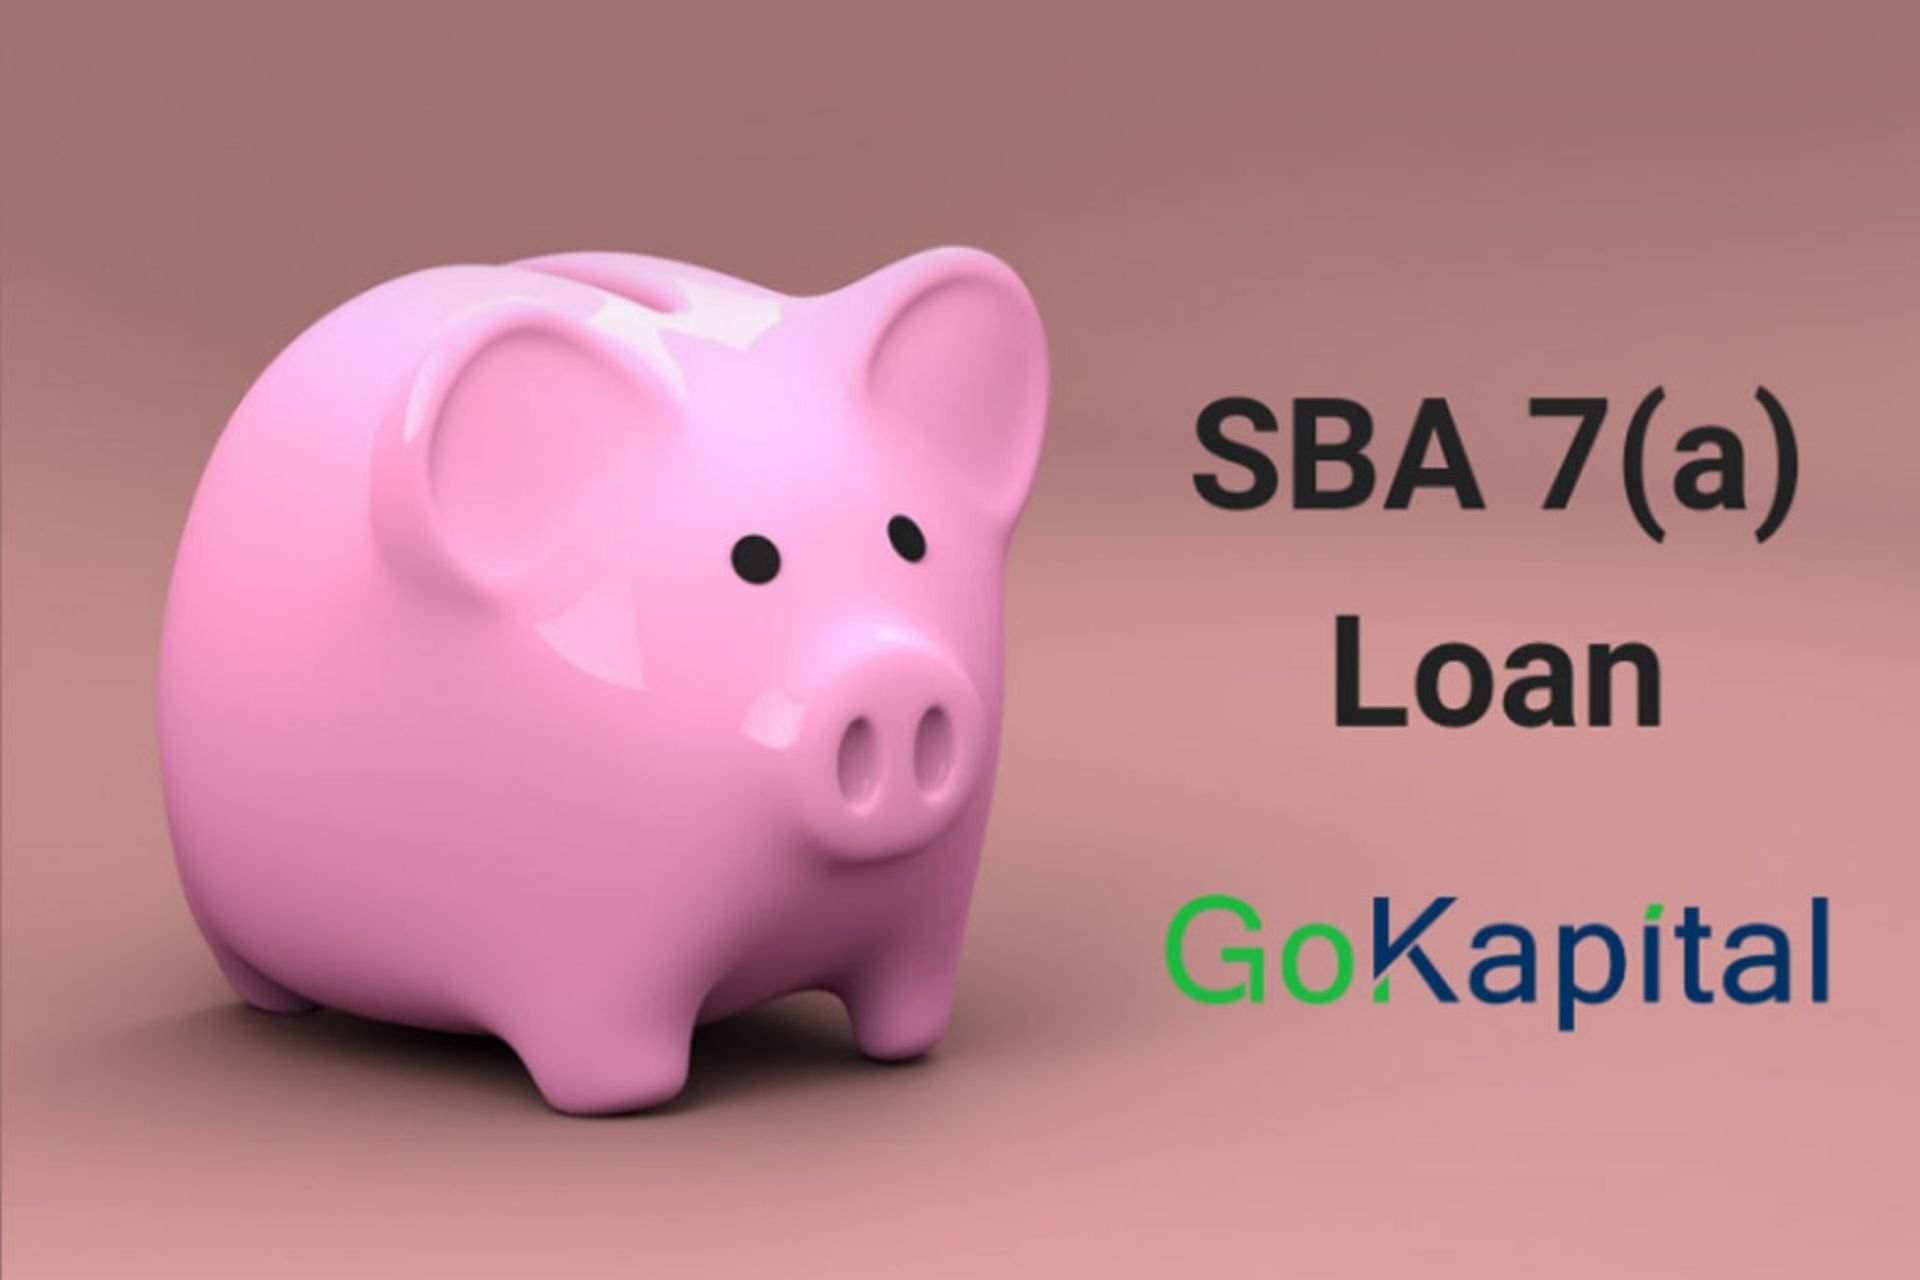 SBA 7(a) Standard Loan